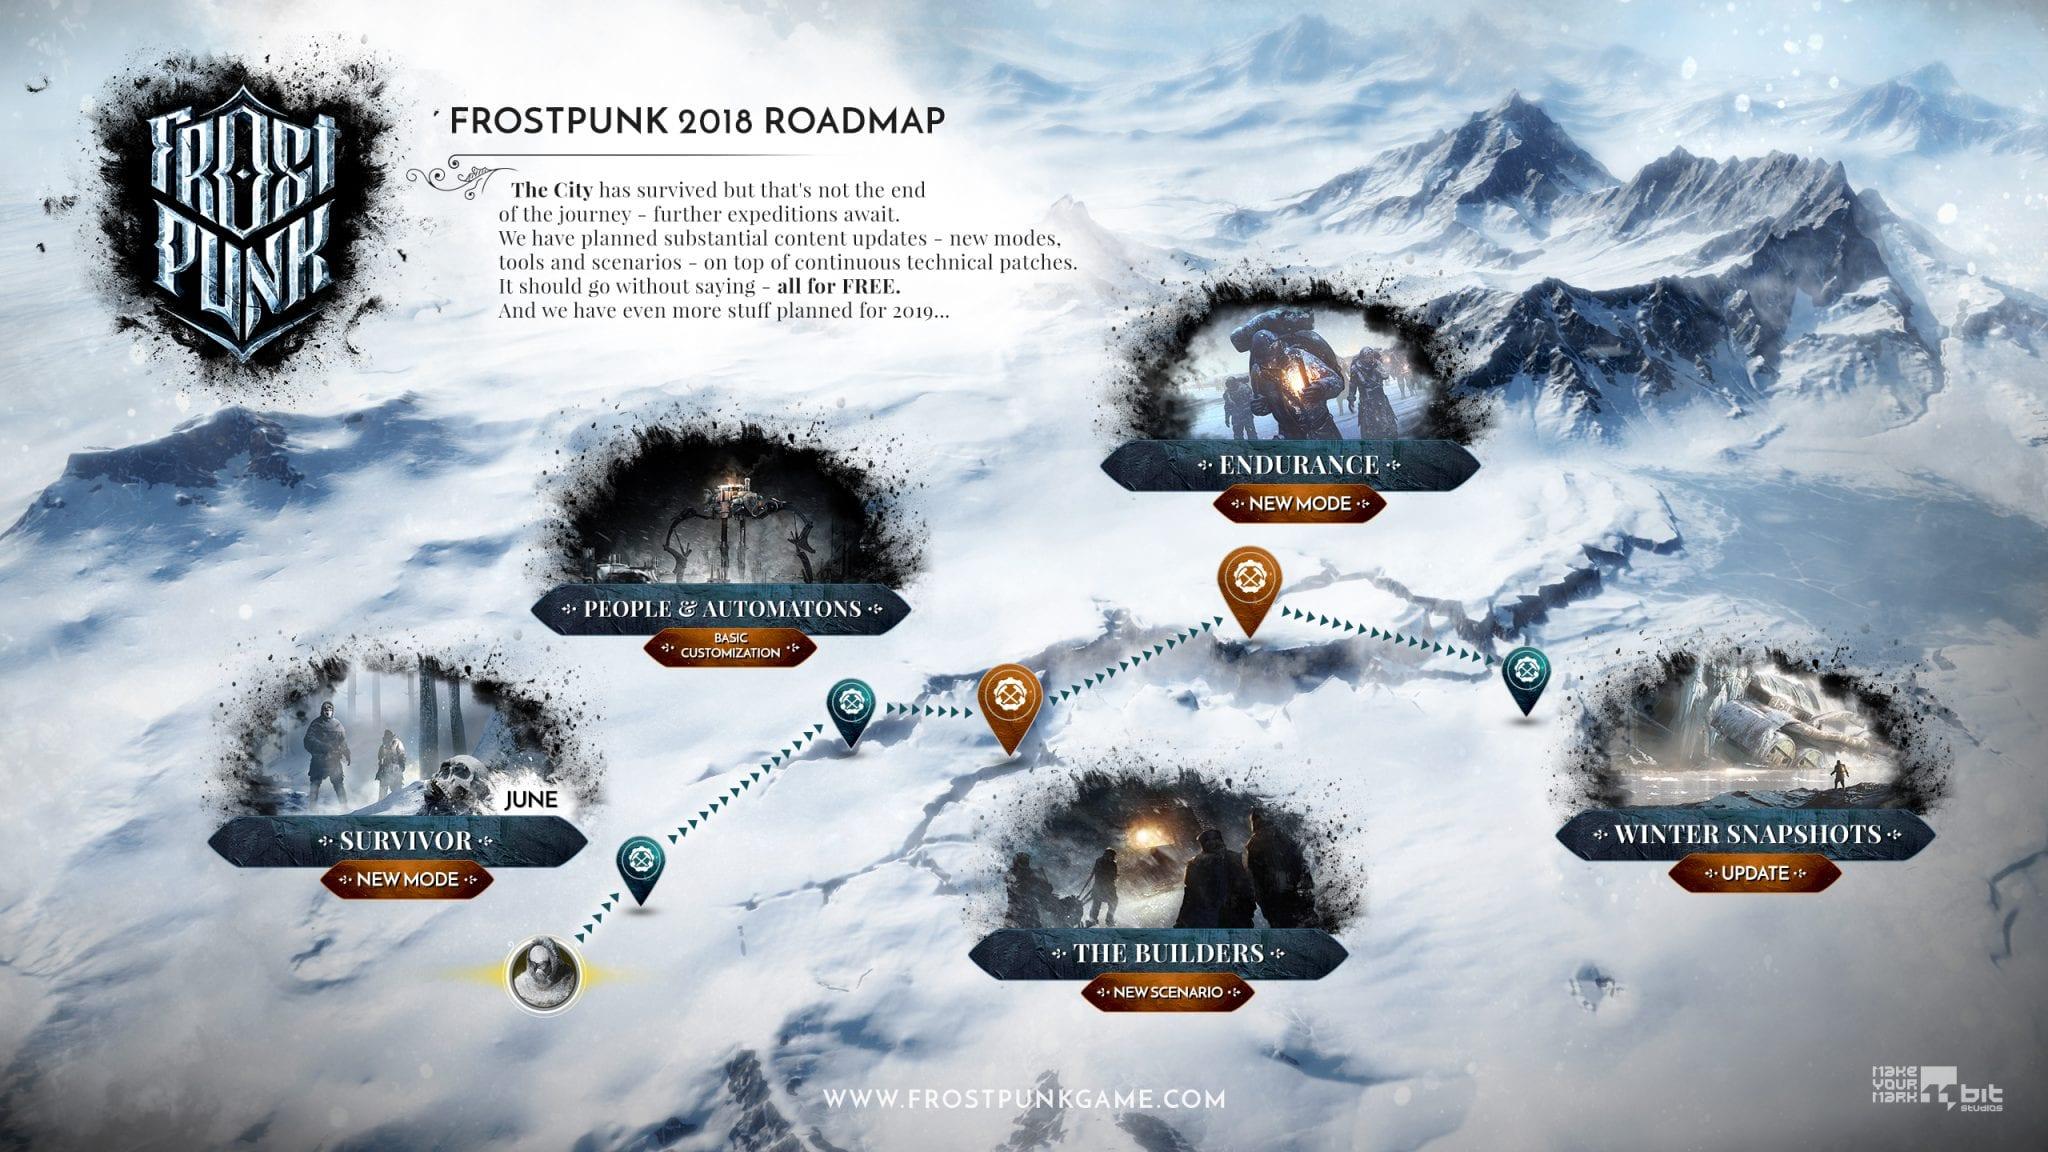 Frostpunk Road Map